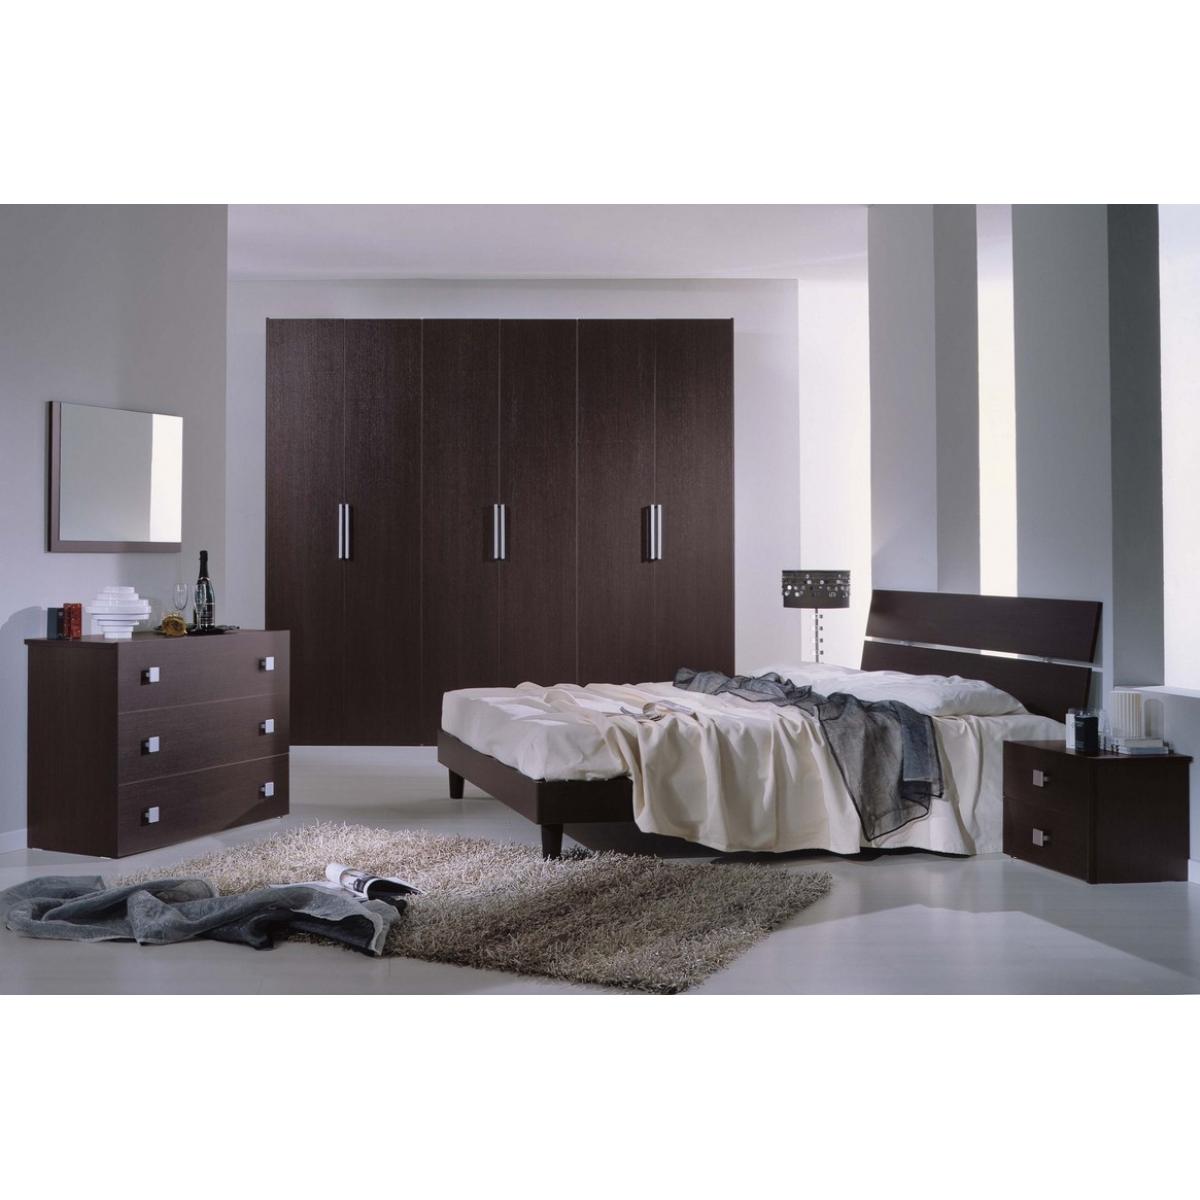 840 camera da letto moderna wenge 39 - Camera da letto a ponte moderna ...